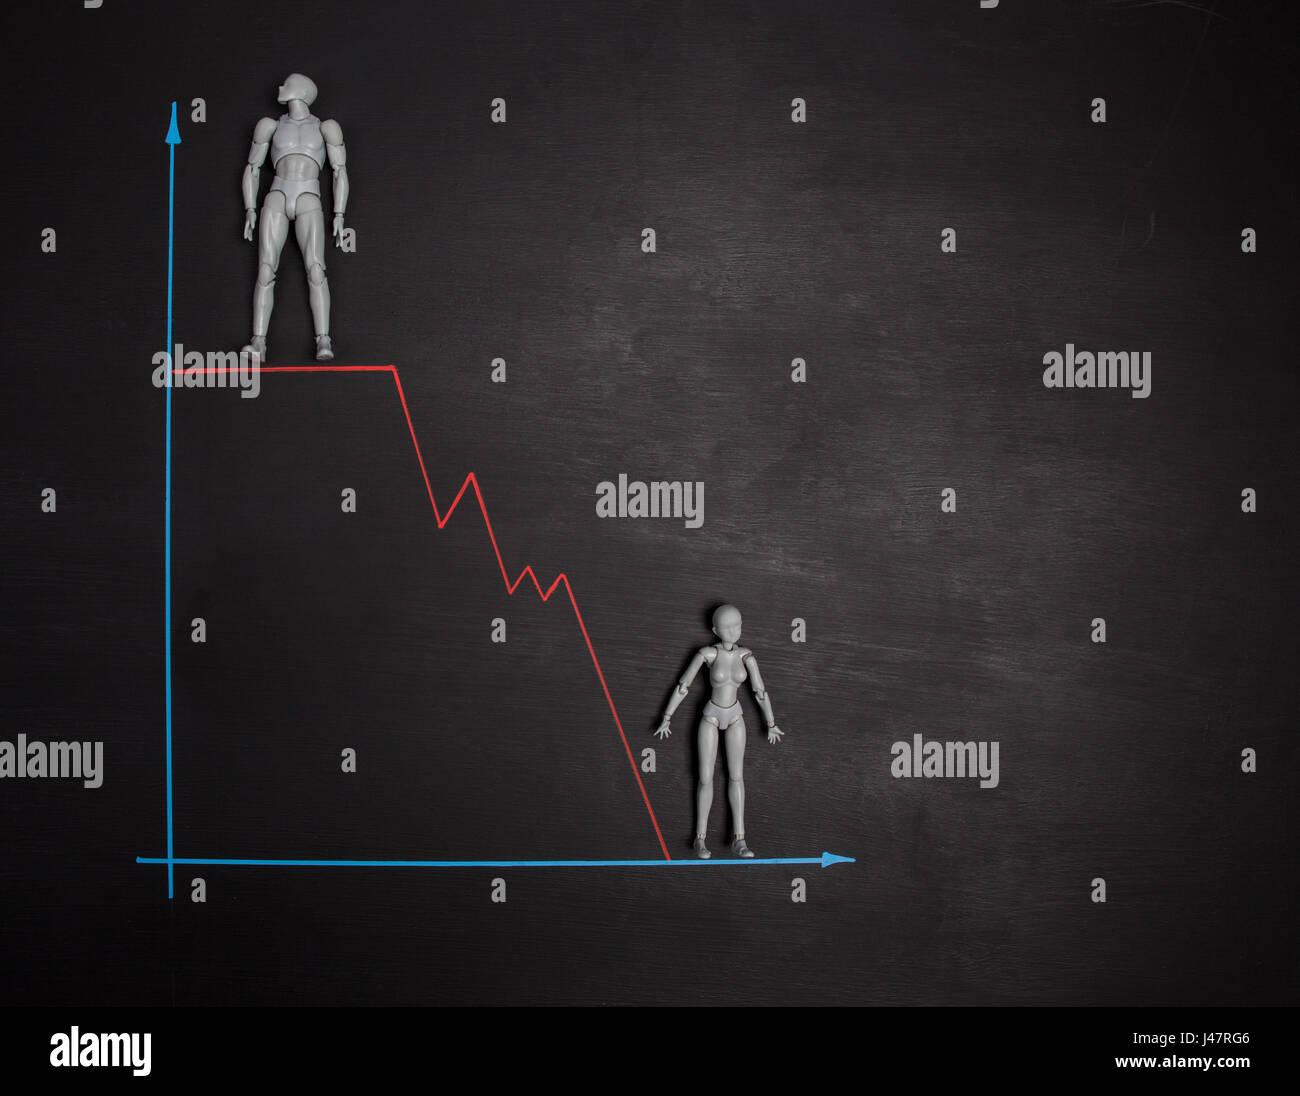 La brecha salarial y la igualdad de género, concepto representado con realistas figuras masculinas y femeninas Imagen De Stock